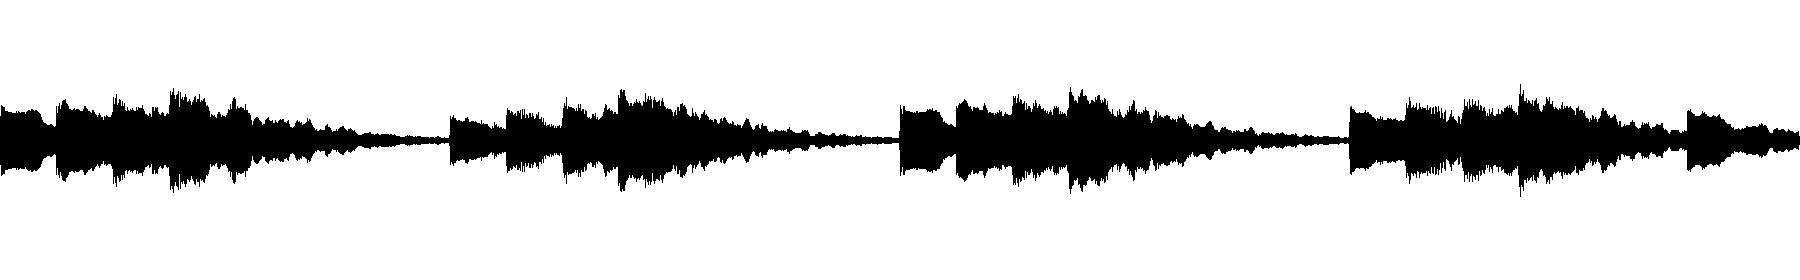 excalibur plucks